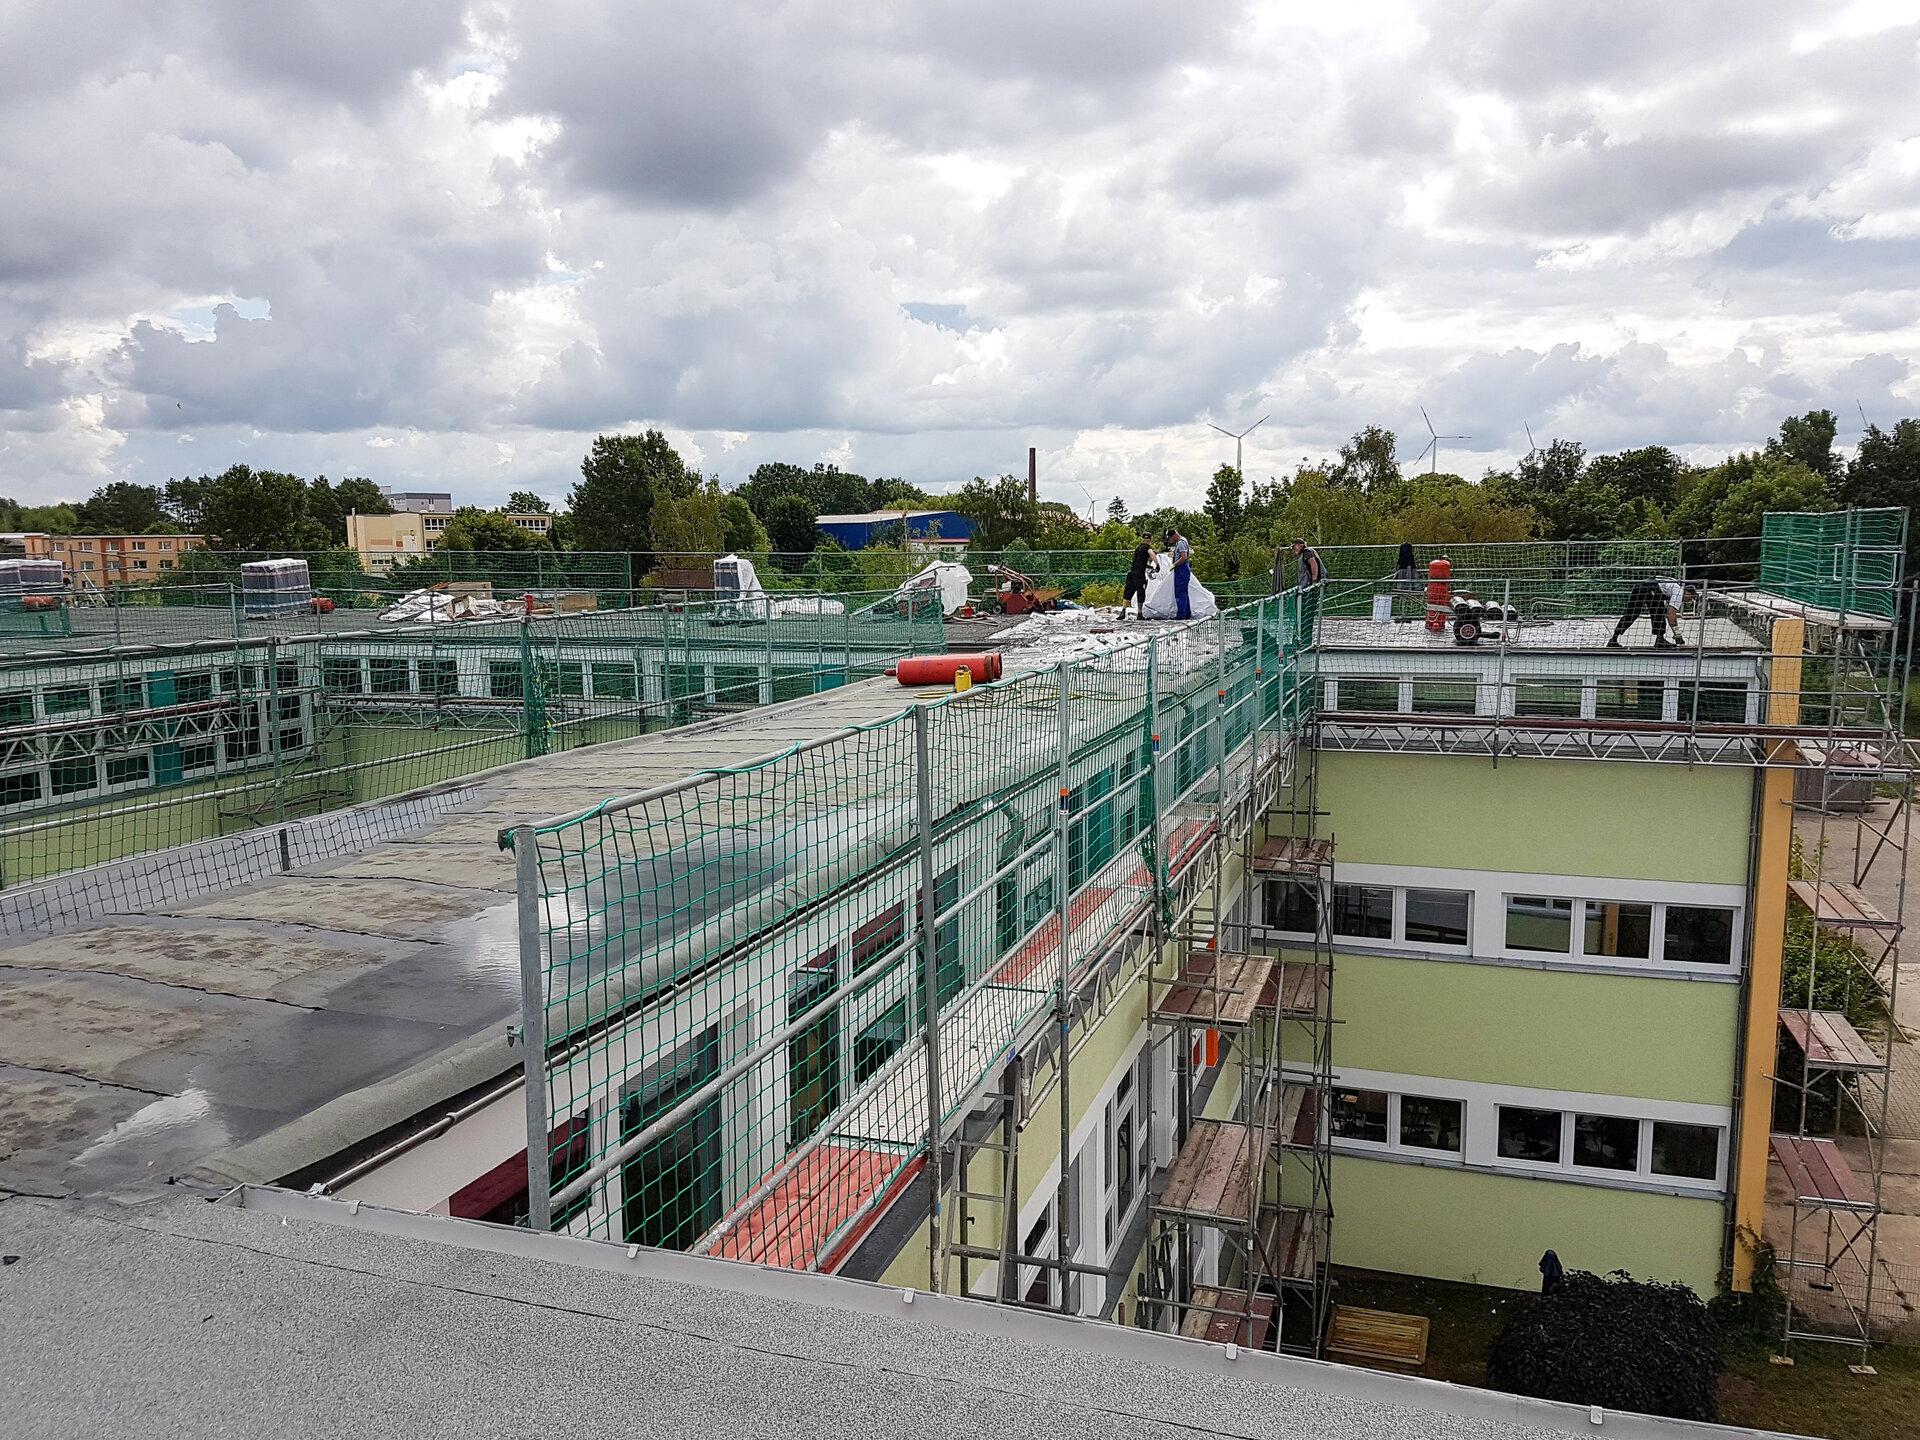 Dacharbeiten im Juli 2020 an der Jahn-Grundschule. Foto: Halldor Lugowski